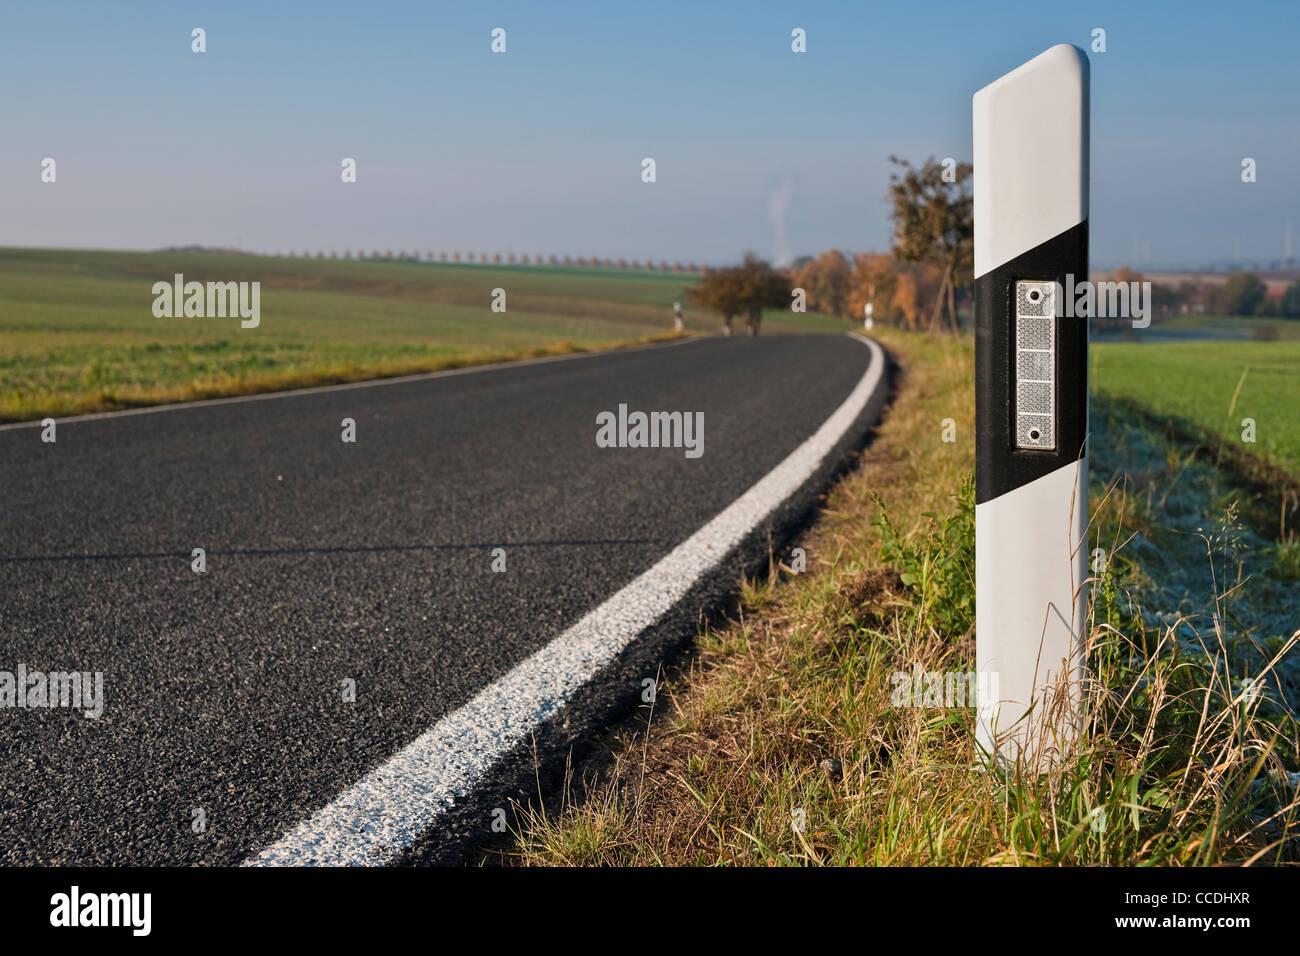 Detailansicht eines Leitpfosten rechts auf einer Landstraße | Detail photo of one reflector post on the right - Stock Image